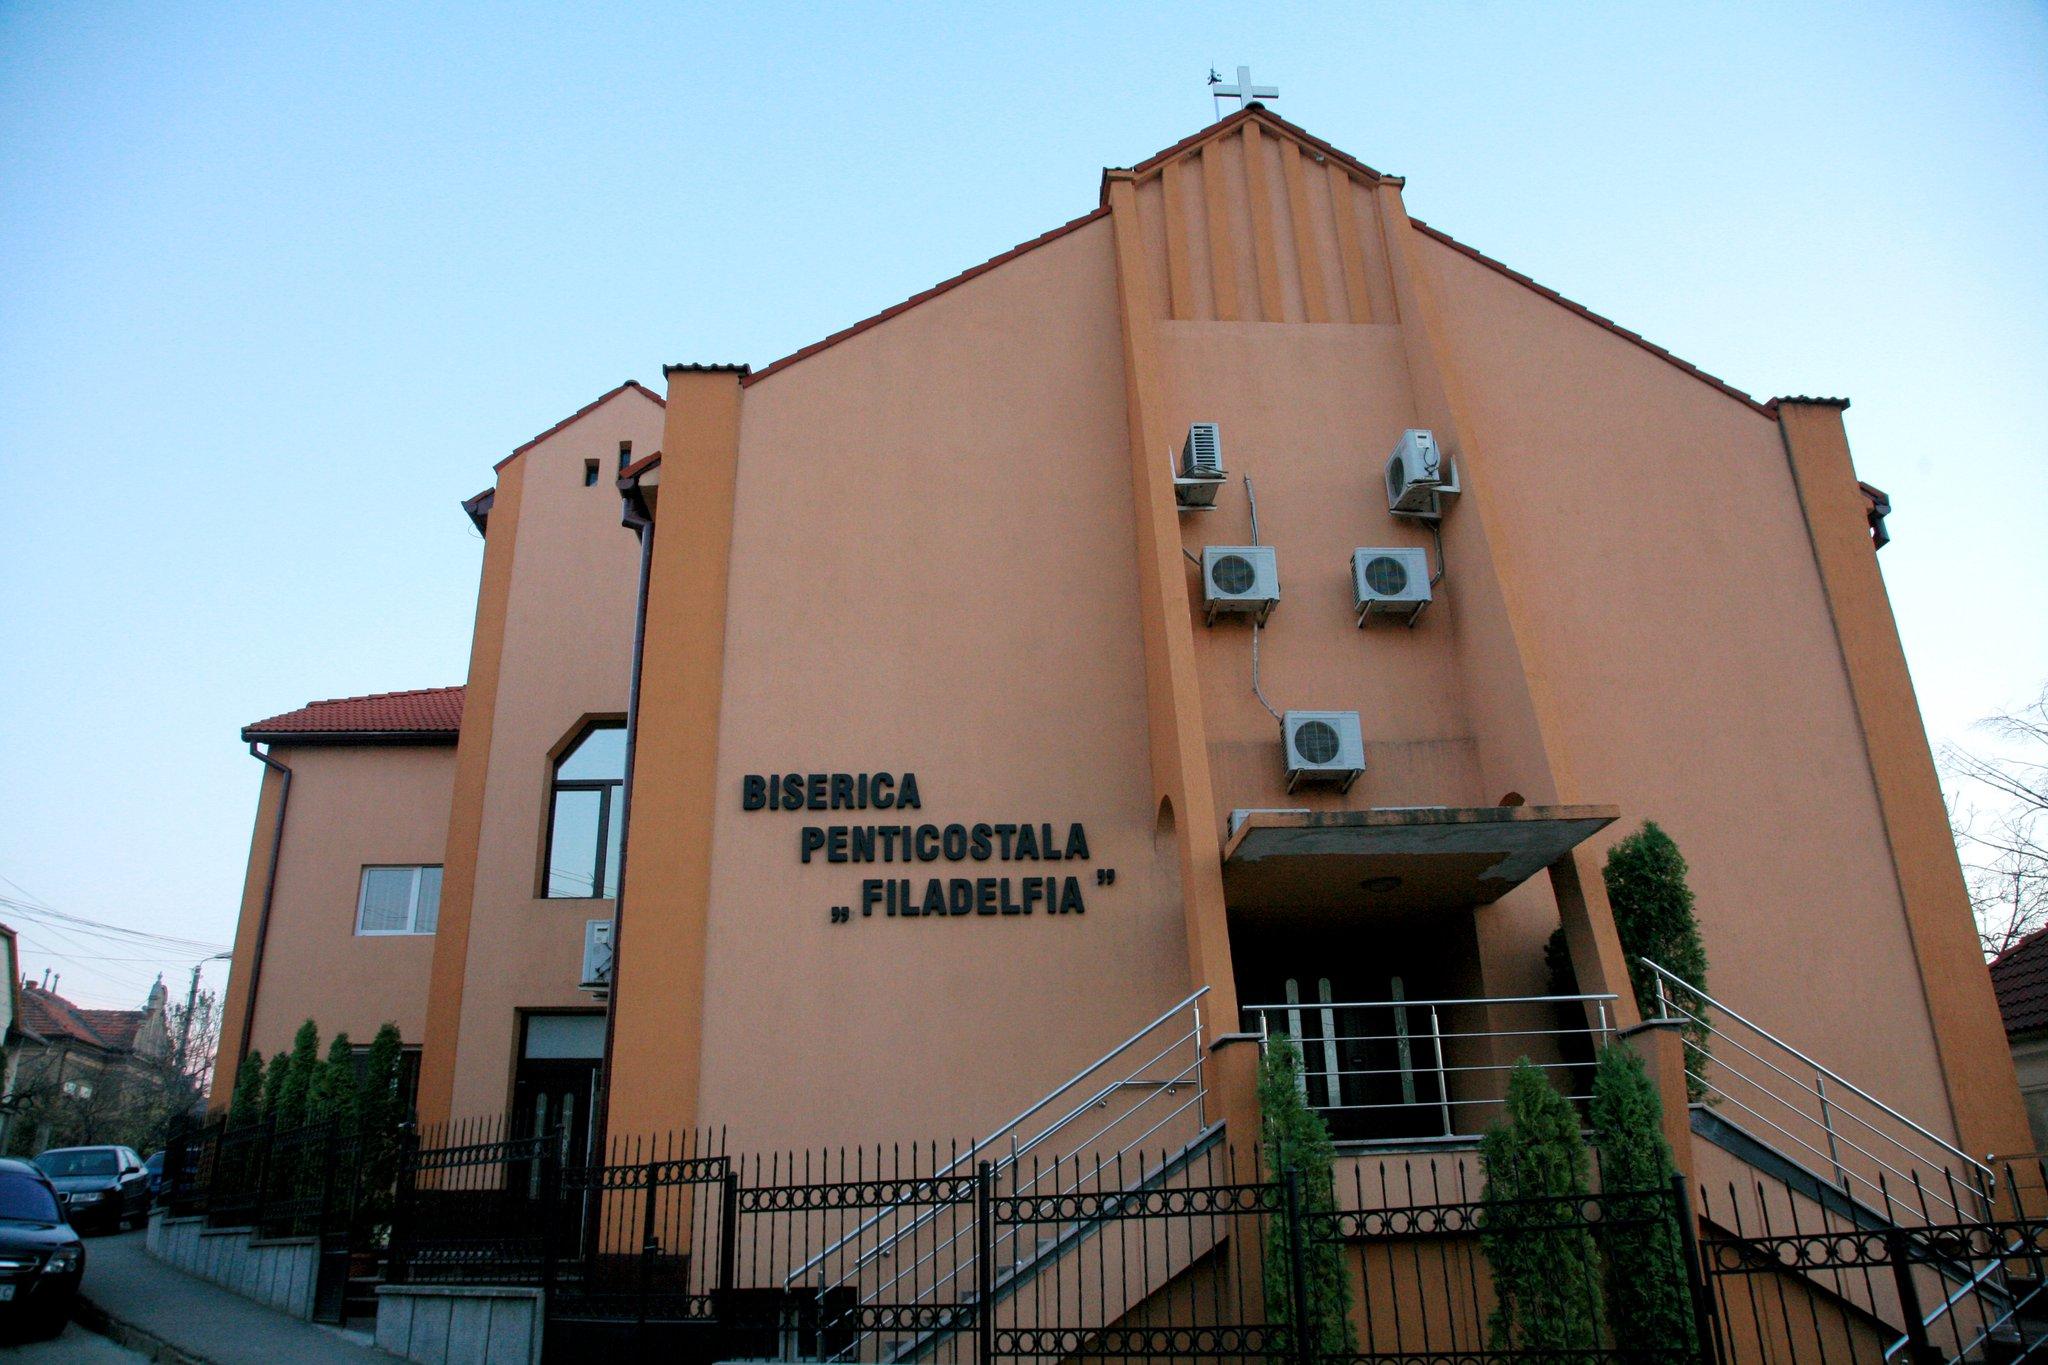 filadelfia Oradea